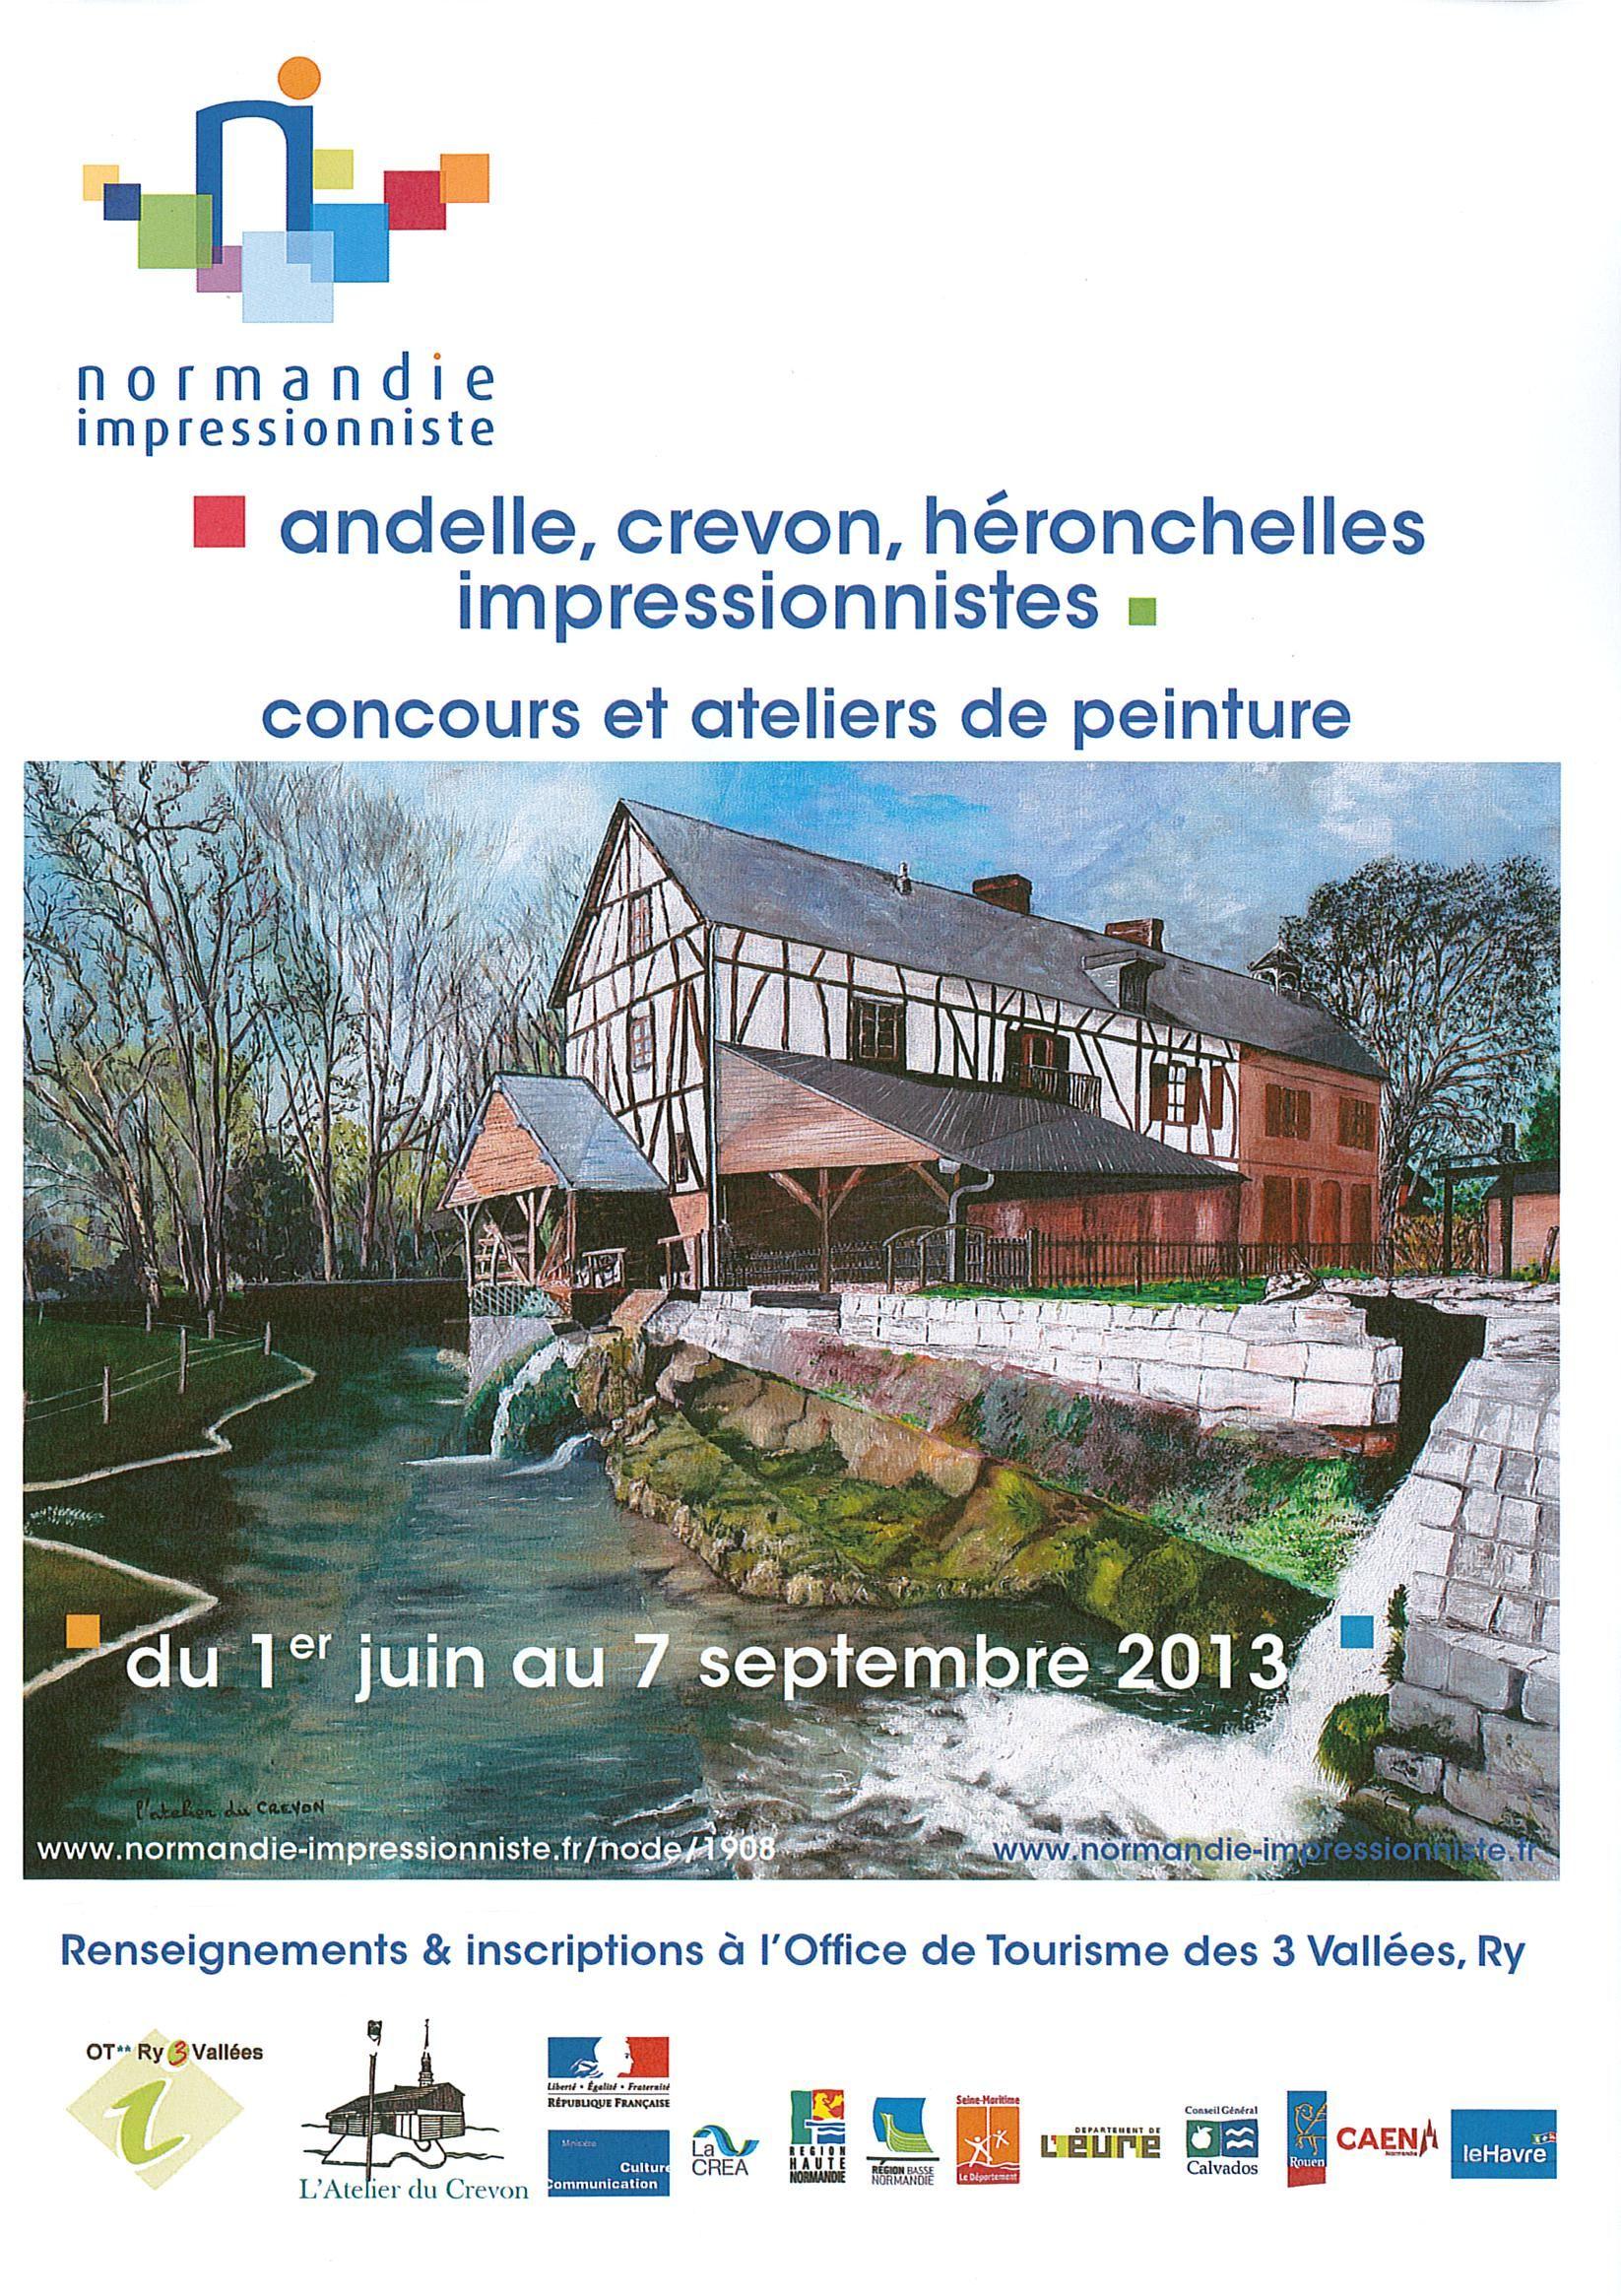 Concours de peinture Impressionniste 2013 à Ry - Seine ...